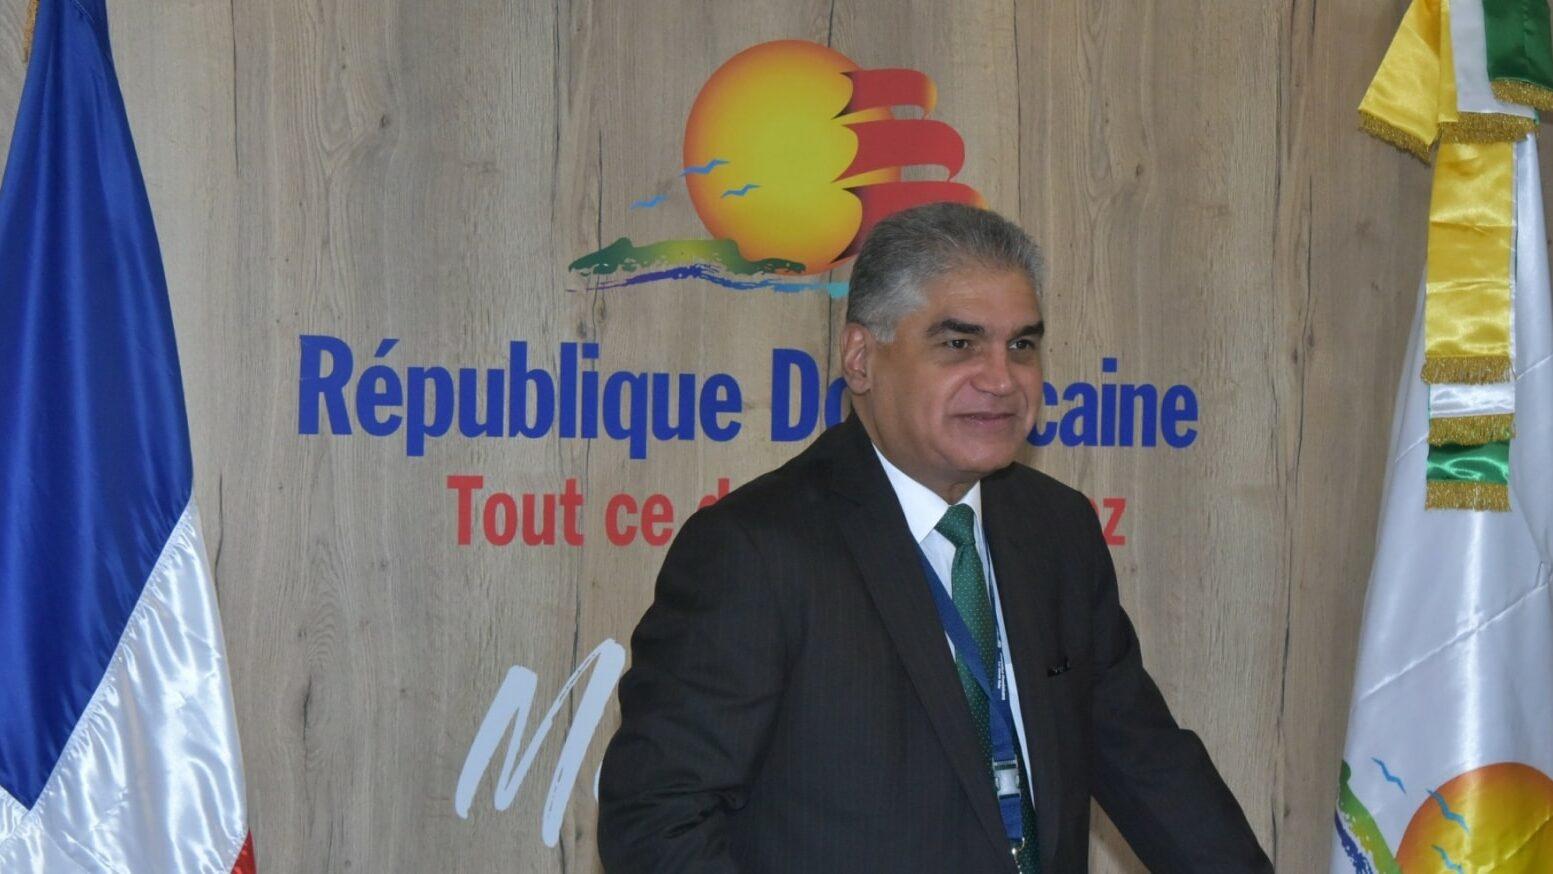 RD recibe más 800 mil franceses en los últimos años